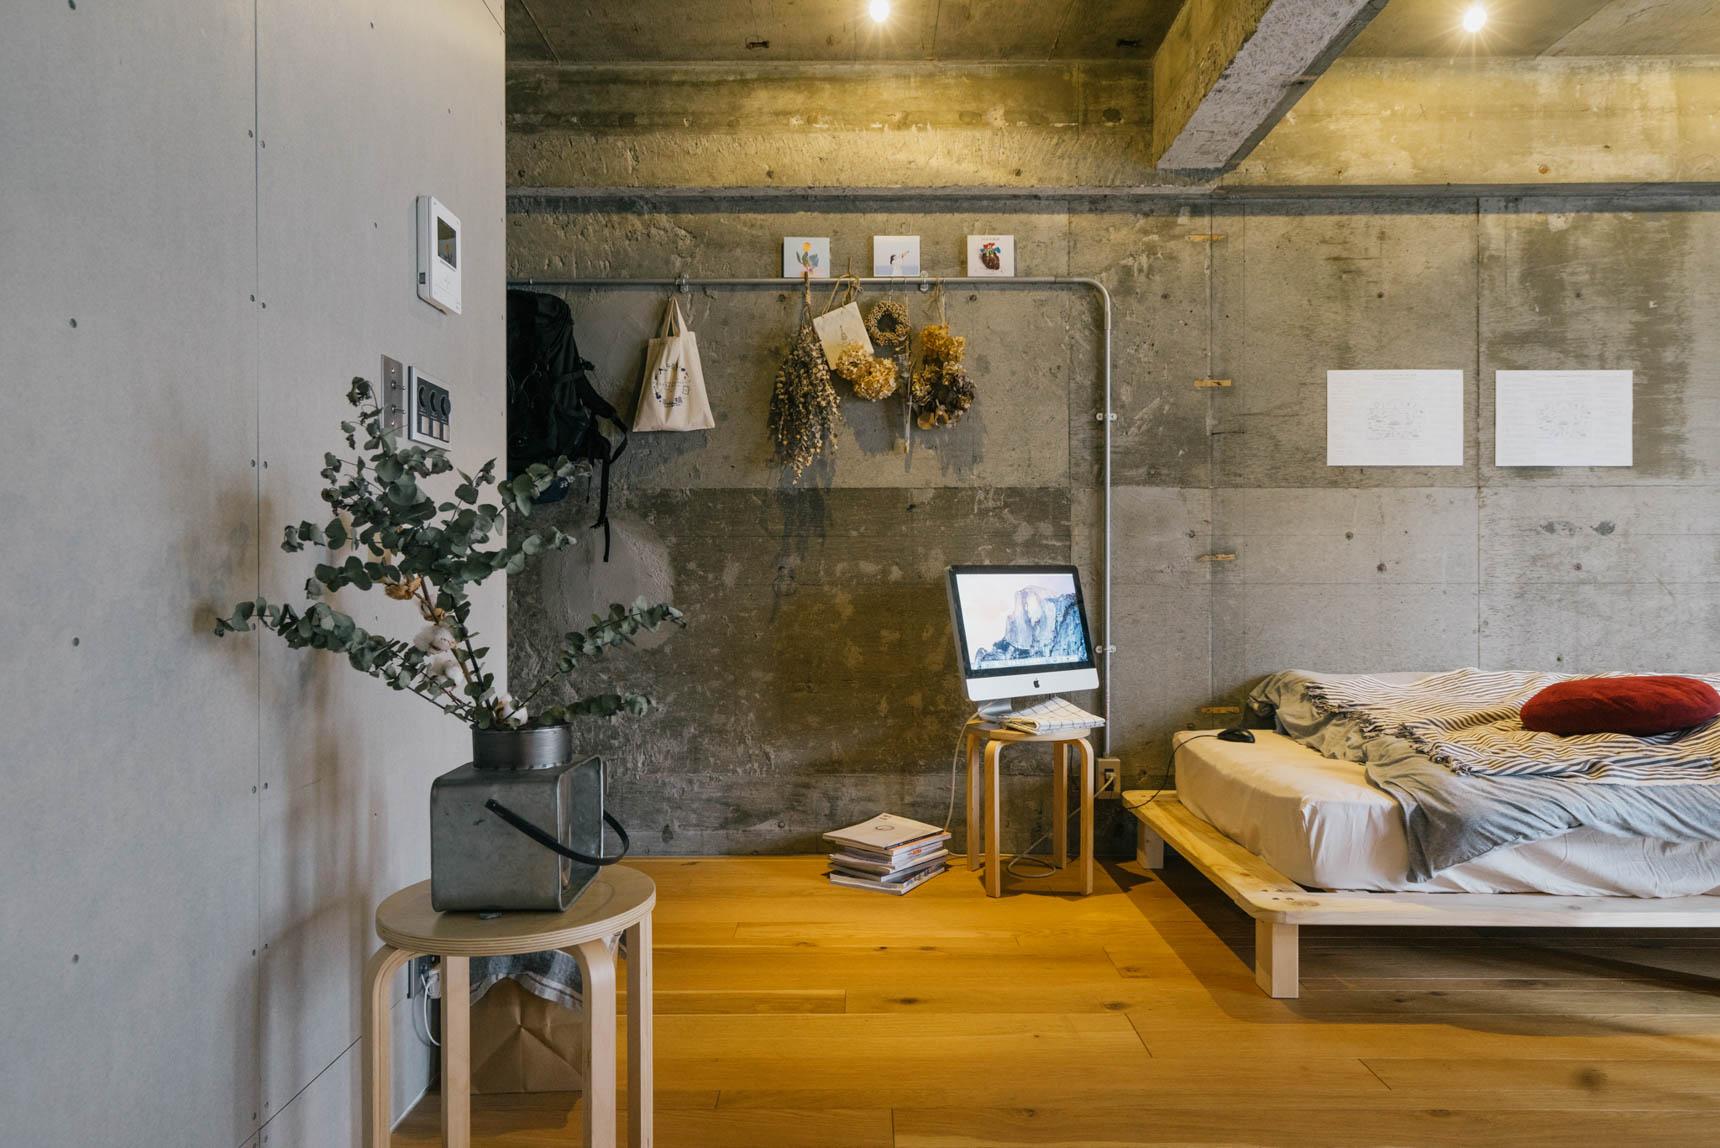 コンクリの空間に、IKEAのスツールや、無垢材ののテーブル、ベッドなどを組み合わせて、うまくナチュラルな雰囲気を作ってらっしゃいます。ベッドは「3244」というネットショップで手に入れたもの。